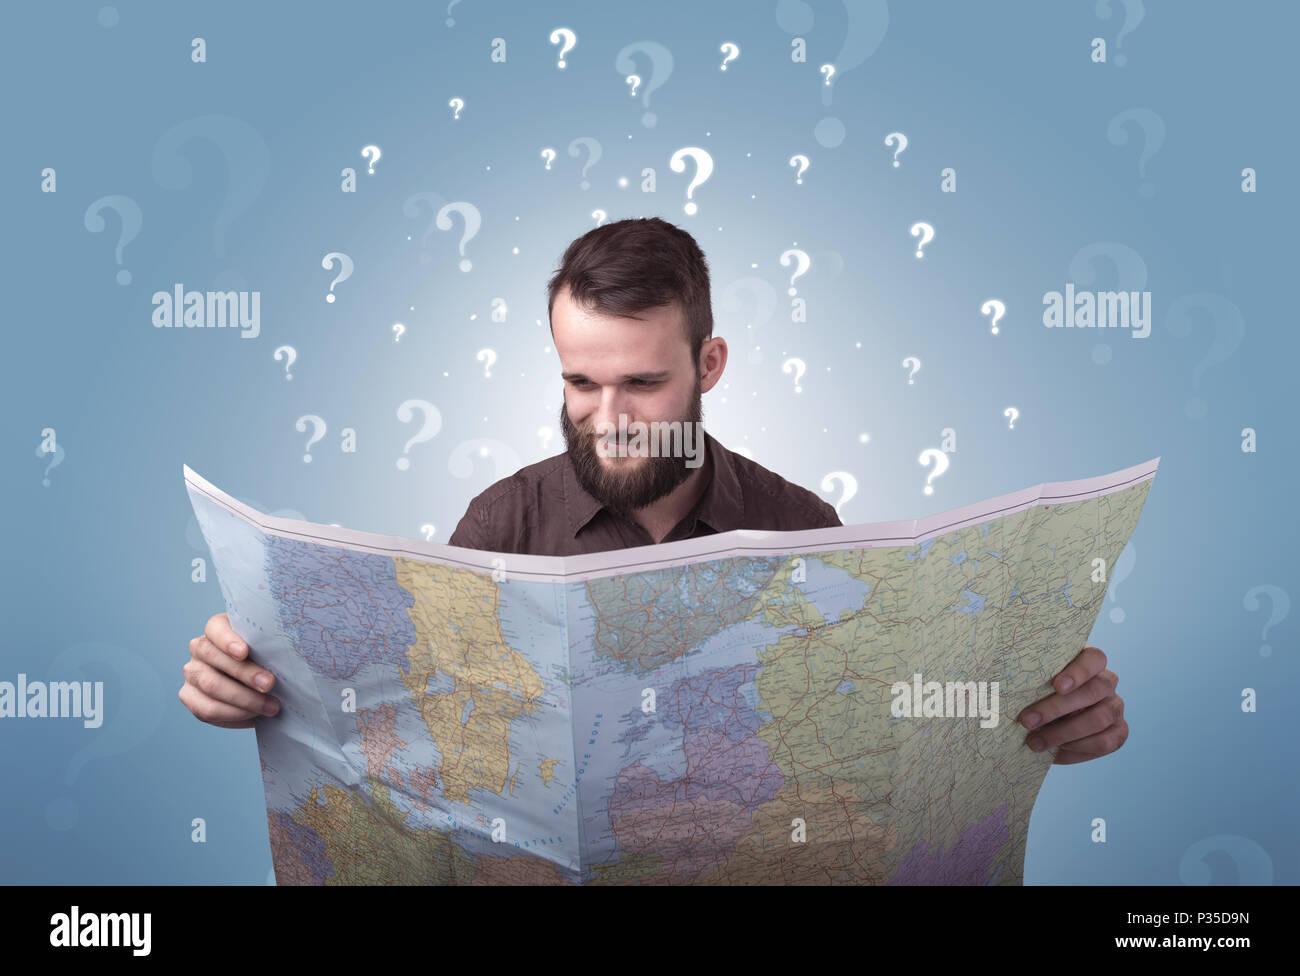 Bel giovane azienda una mappa con il bianco dei punti interrogativi sopra la sua testa Immagini Stock